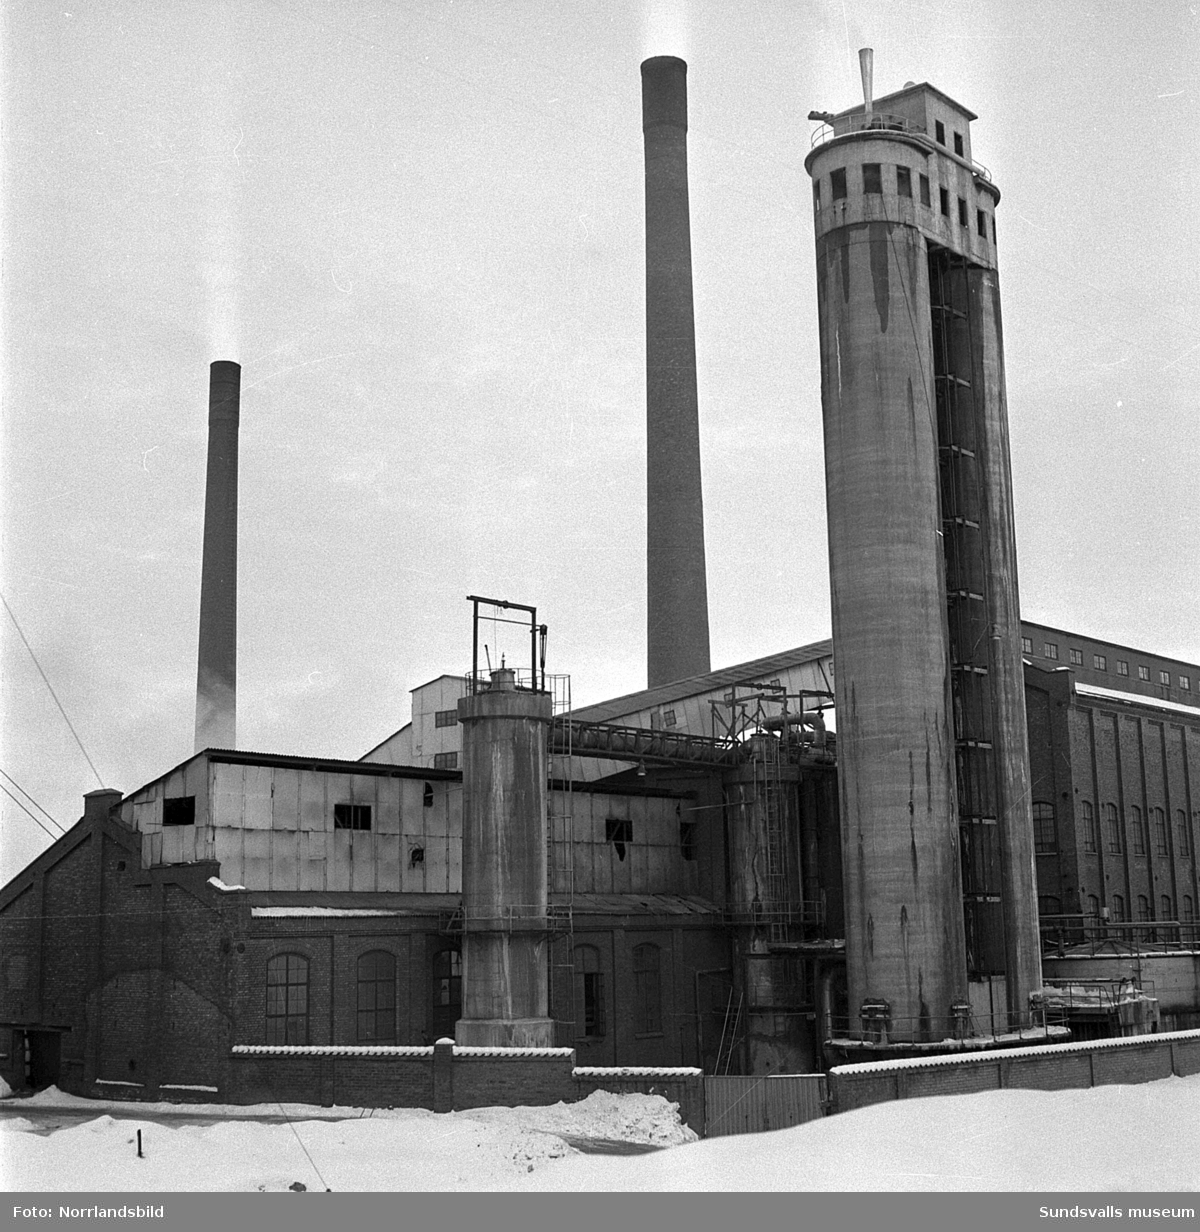 Bilder till ett nyhetsreportage om  när 24-årige Kjell Björk, som var reparatör vid Skönsmons mekaniska verkstad, av misstag blev instängd i en 68 meter hög skorsten vid Svartviksfabriken. Björk hade jobbat med att sätta in en ny ventil i rökgången till en av pannorna och blev sedan fast i skorstenen i 15 timmar. Som tur var uppfattade två fabriksarbetare på morgonen, strax innan pannan skulle köras igång igen,  hans desperata bultningar på den stängda luckan och han kunde räddas från en säker död. På första bilden är det Tore Kvistberg som demonstrerar hur det såg ut då Björk kröp ur sitt sotiga fängelse. Utanför luckan sittande på huk är Verner Mattsson och Elmer Landell, vilka var de två som räddade Björk. Enligt artikeln hade Kjell Björk fått tillbringa två timmar i badkaret för att tvätta bort allt sot.